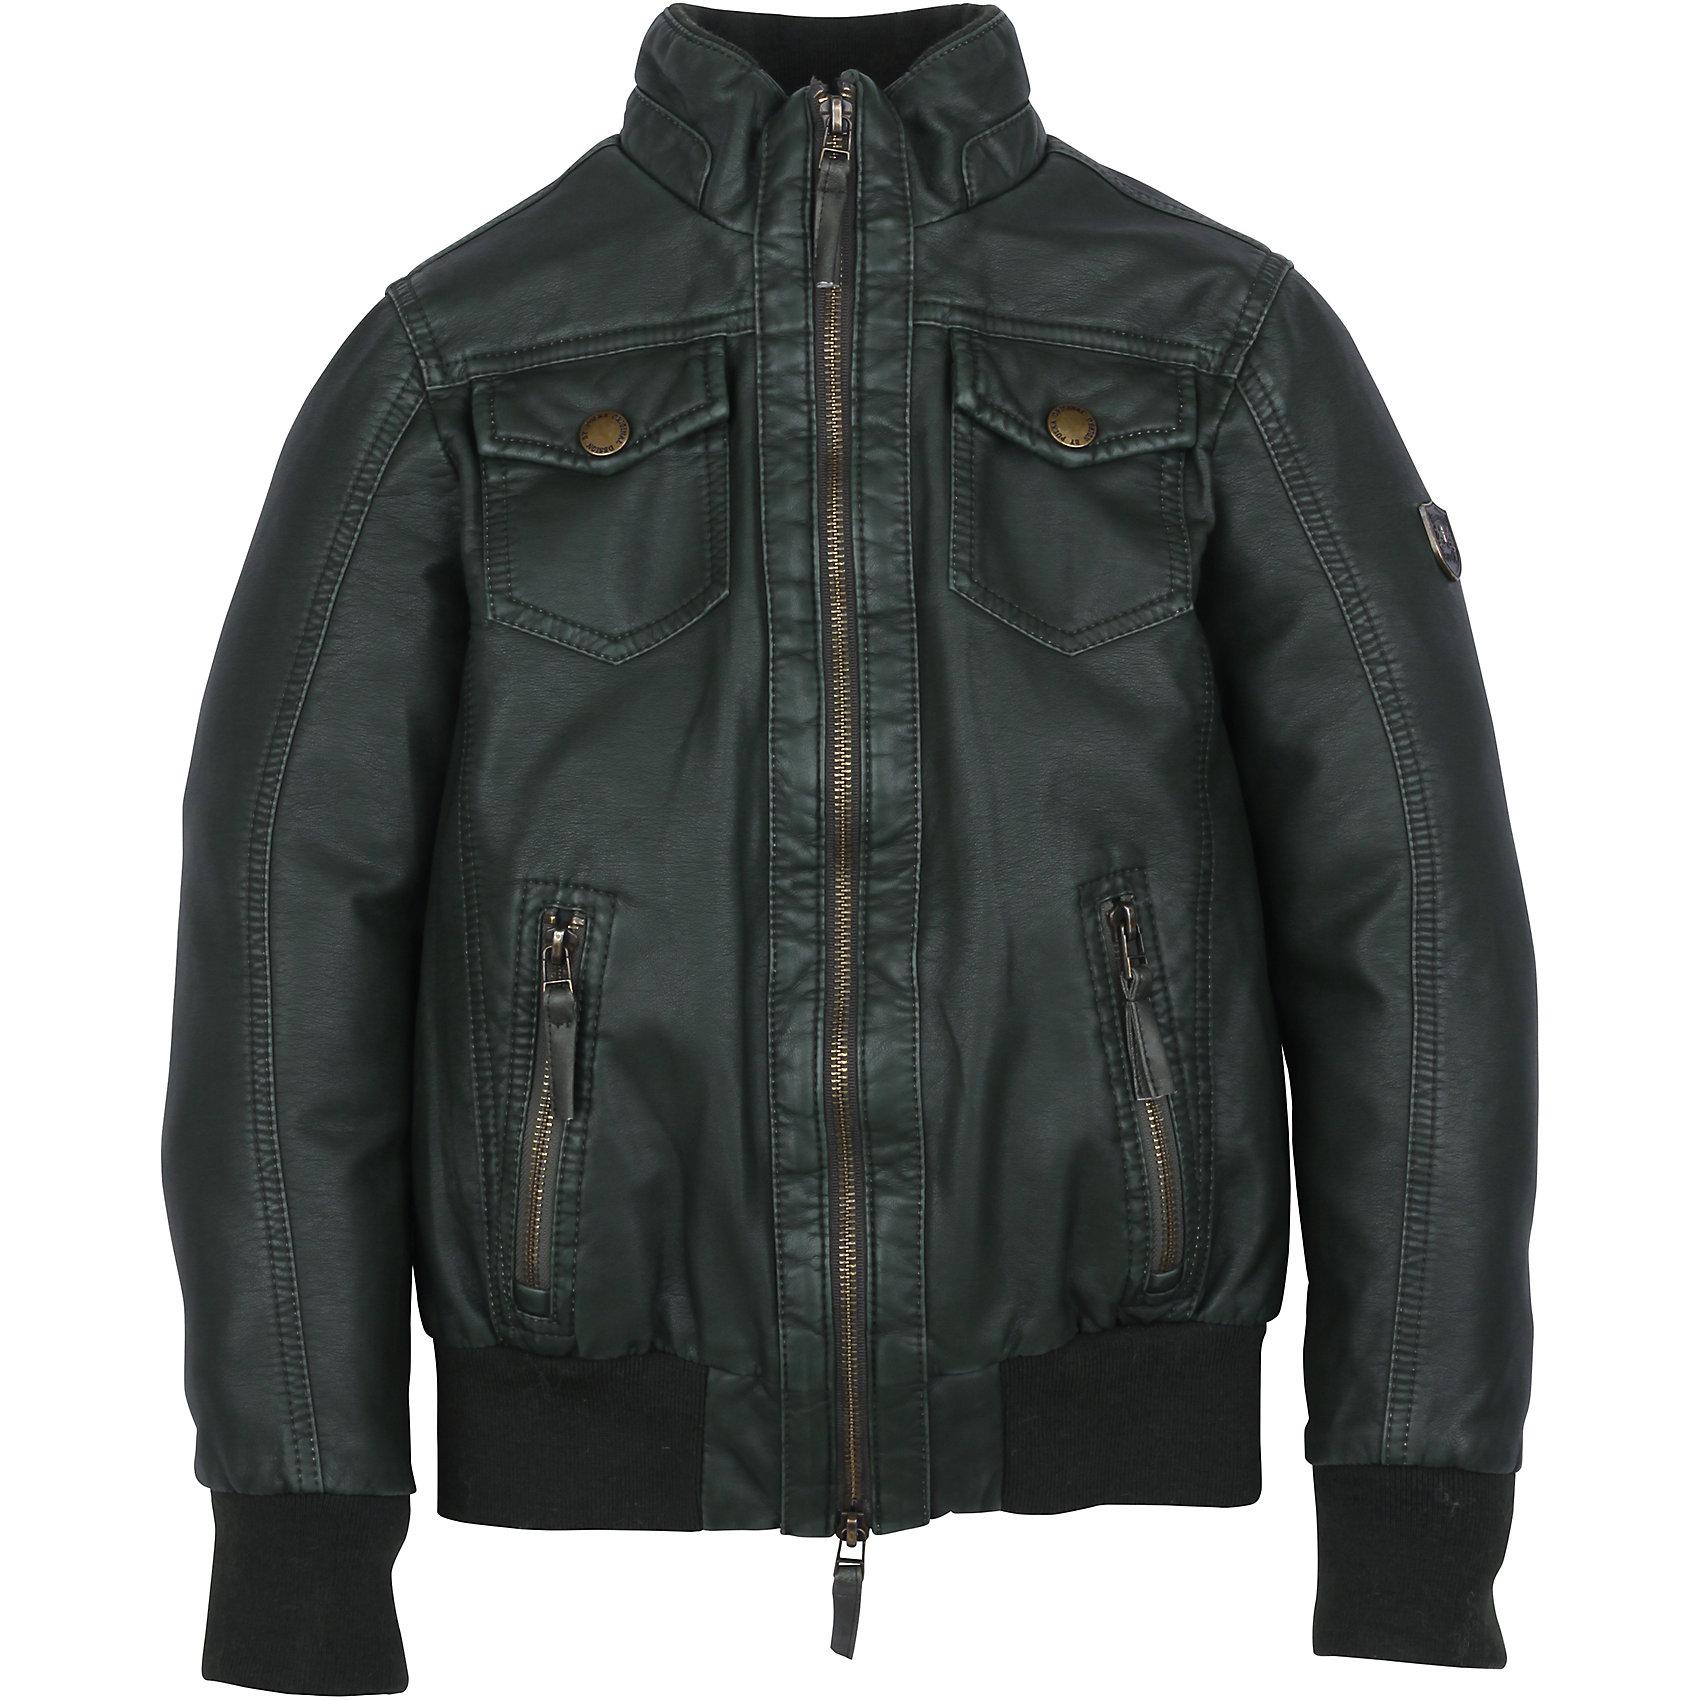 Куртка для мальчика PulkaСтильная и практичная Куртка-бомбер (пилот) для мальчика Pulka черного цвета из экокожи. Теплая и непромокаемая куртка создаст настоящий комфорт. Имеет множество металлических деталей: молнии, заклепки. Трикотажные манжеты и низ куртки эластичные и выполнены в цвет основной ткани. Воротник отложной. Оснащена 4 карманами: 2 с клапаном  на кнопках, 2 врезных на молнии. Настоящая находка для гардероба юного модника!<br><br>Дополнительная информация:<br>-Сезон: осень-весна<br>-Материалы: 100% полиуретан <br><br>Куртка для мальчика Pulka (Пулка) – это выбор тех, кто ценит не только тепло и комфорт, но долговечность и высокое качество одежды!<br><br>Куртку для мальчика Pulka (Пулка) можно купить в нашем магазине.<br><br>Ширина мм: 356<br>Глубина мм: 10<br>Высота мм: 245<br>Вес г: 519<br>Цвет: черный<br>Возраст от месяцев: 84<br>Возраст до месяцев: 96<br>Пол: Мужской<br>Возраст: Детский<br>Размер: 128,134,140,158,164,152,146<br>SKU: 4125742